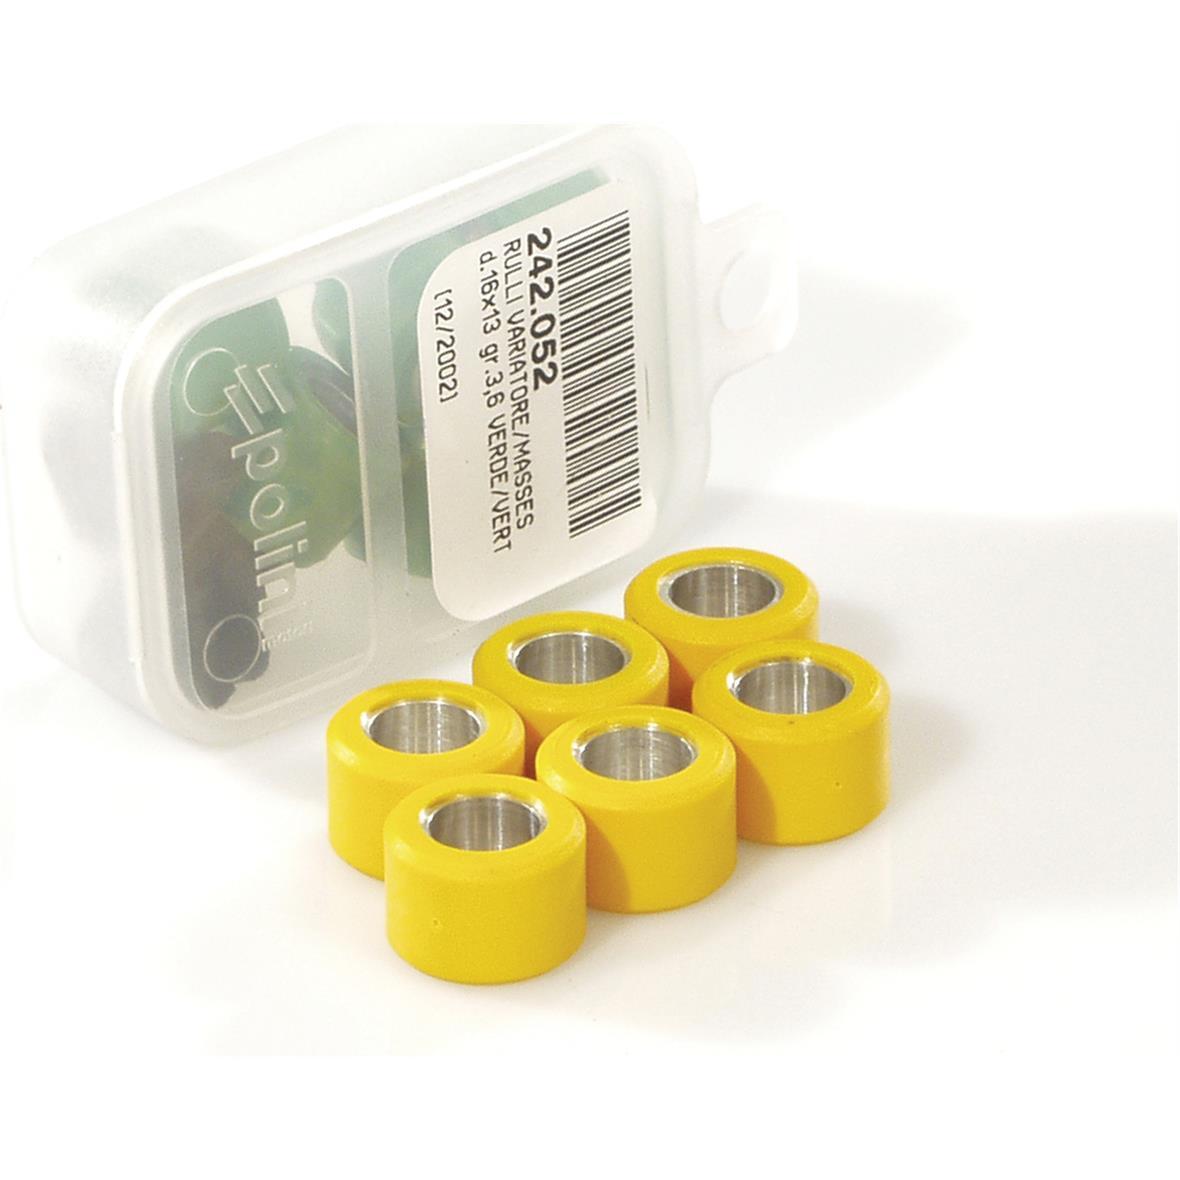 「バリエーター ロール POLINI 20x12 mm 12,8 (グラム)Title」の製品画像